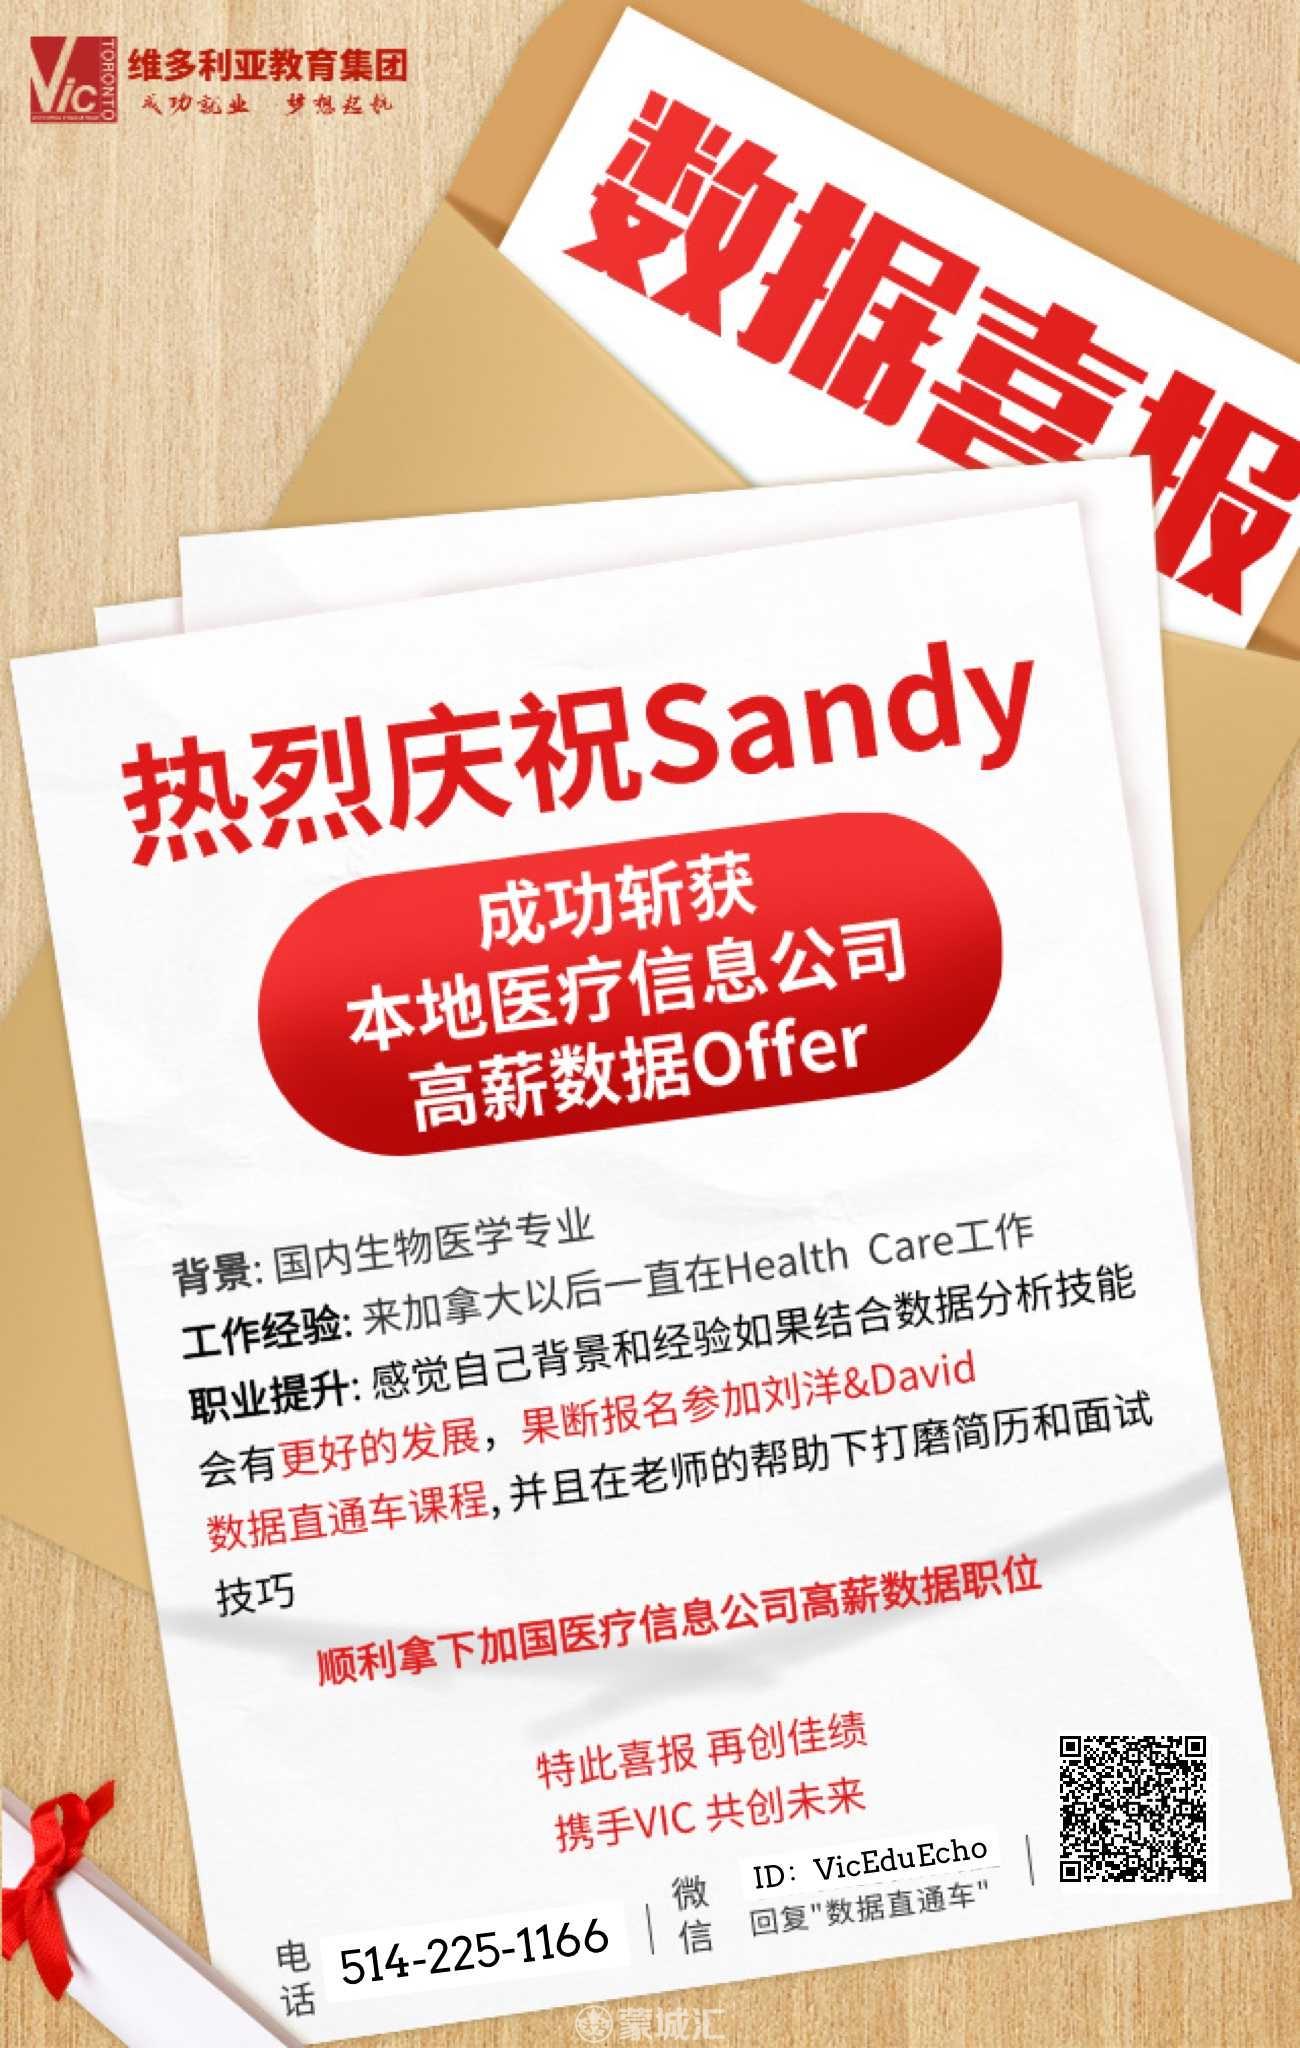 WeChat Image_20210702103843.jpg